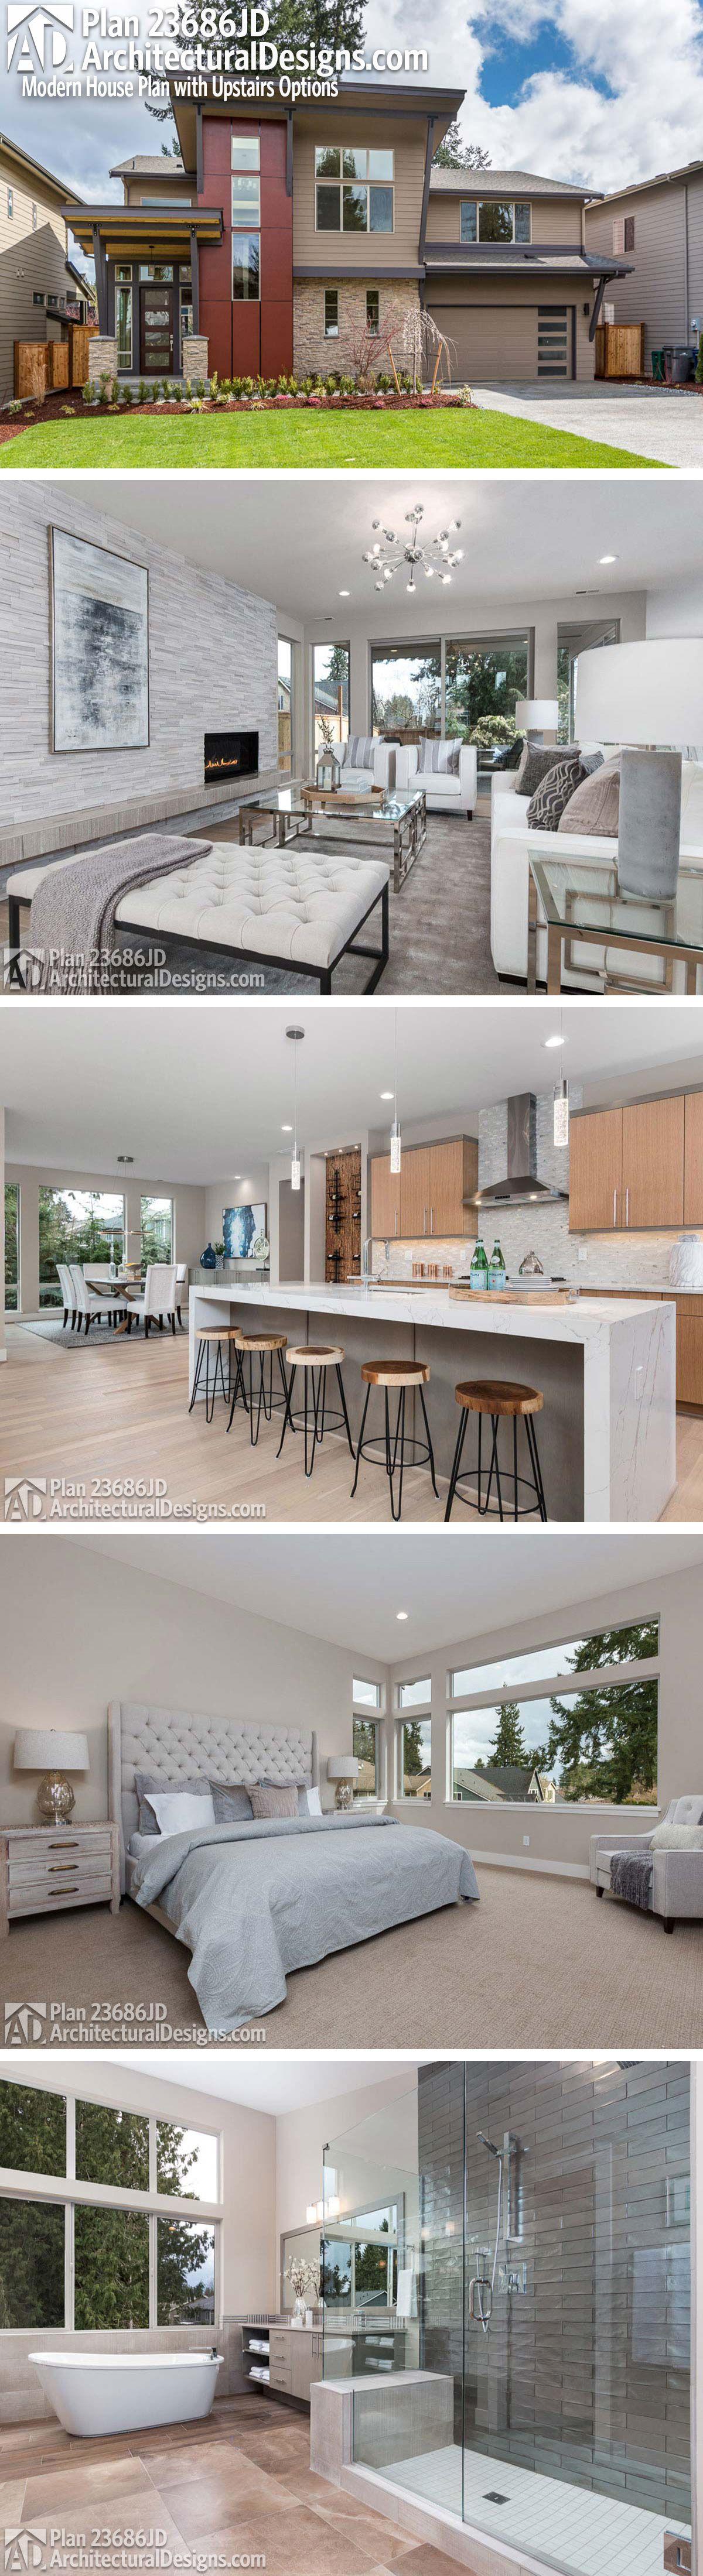 U küchendesignpläne plan jd modern house plan with upstairs options  wohnen